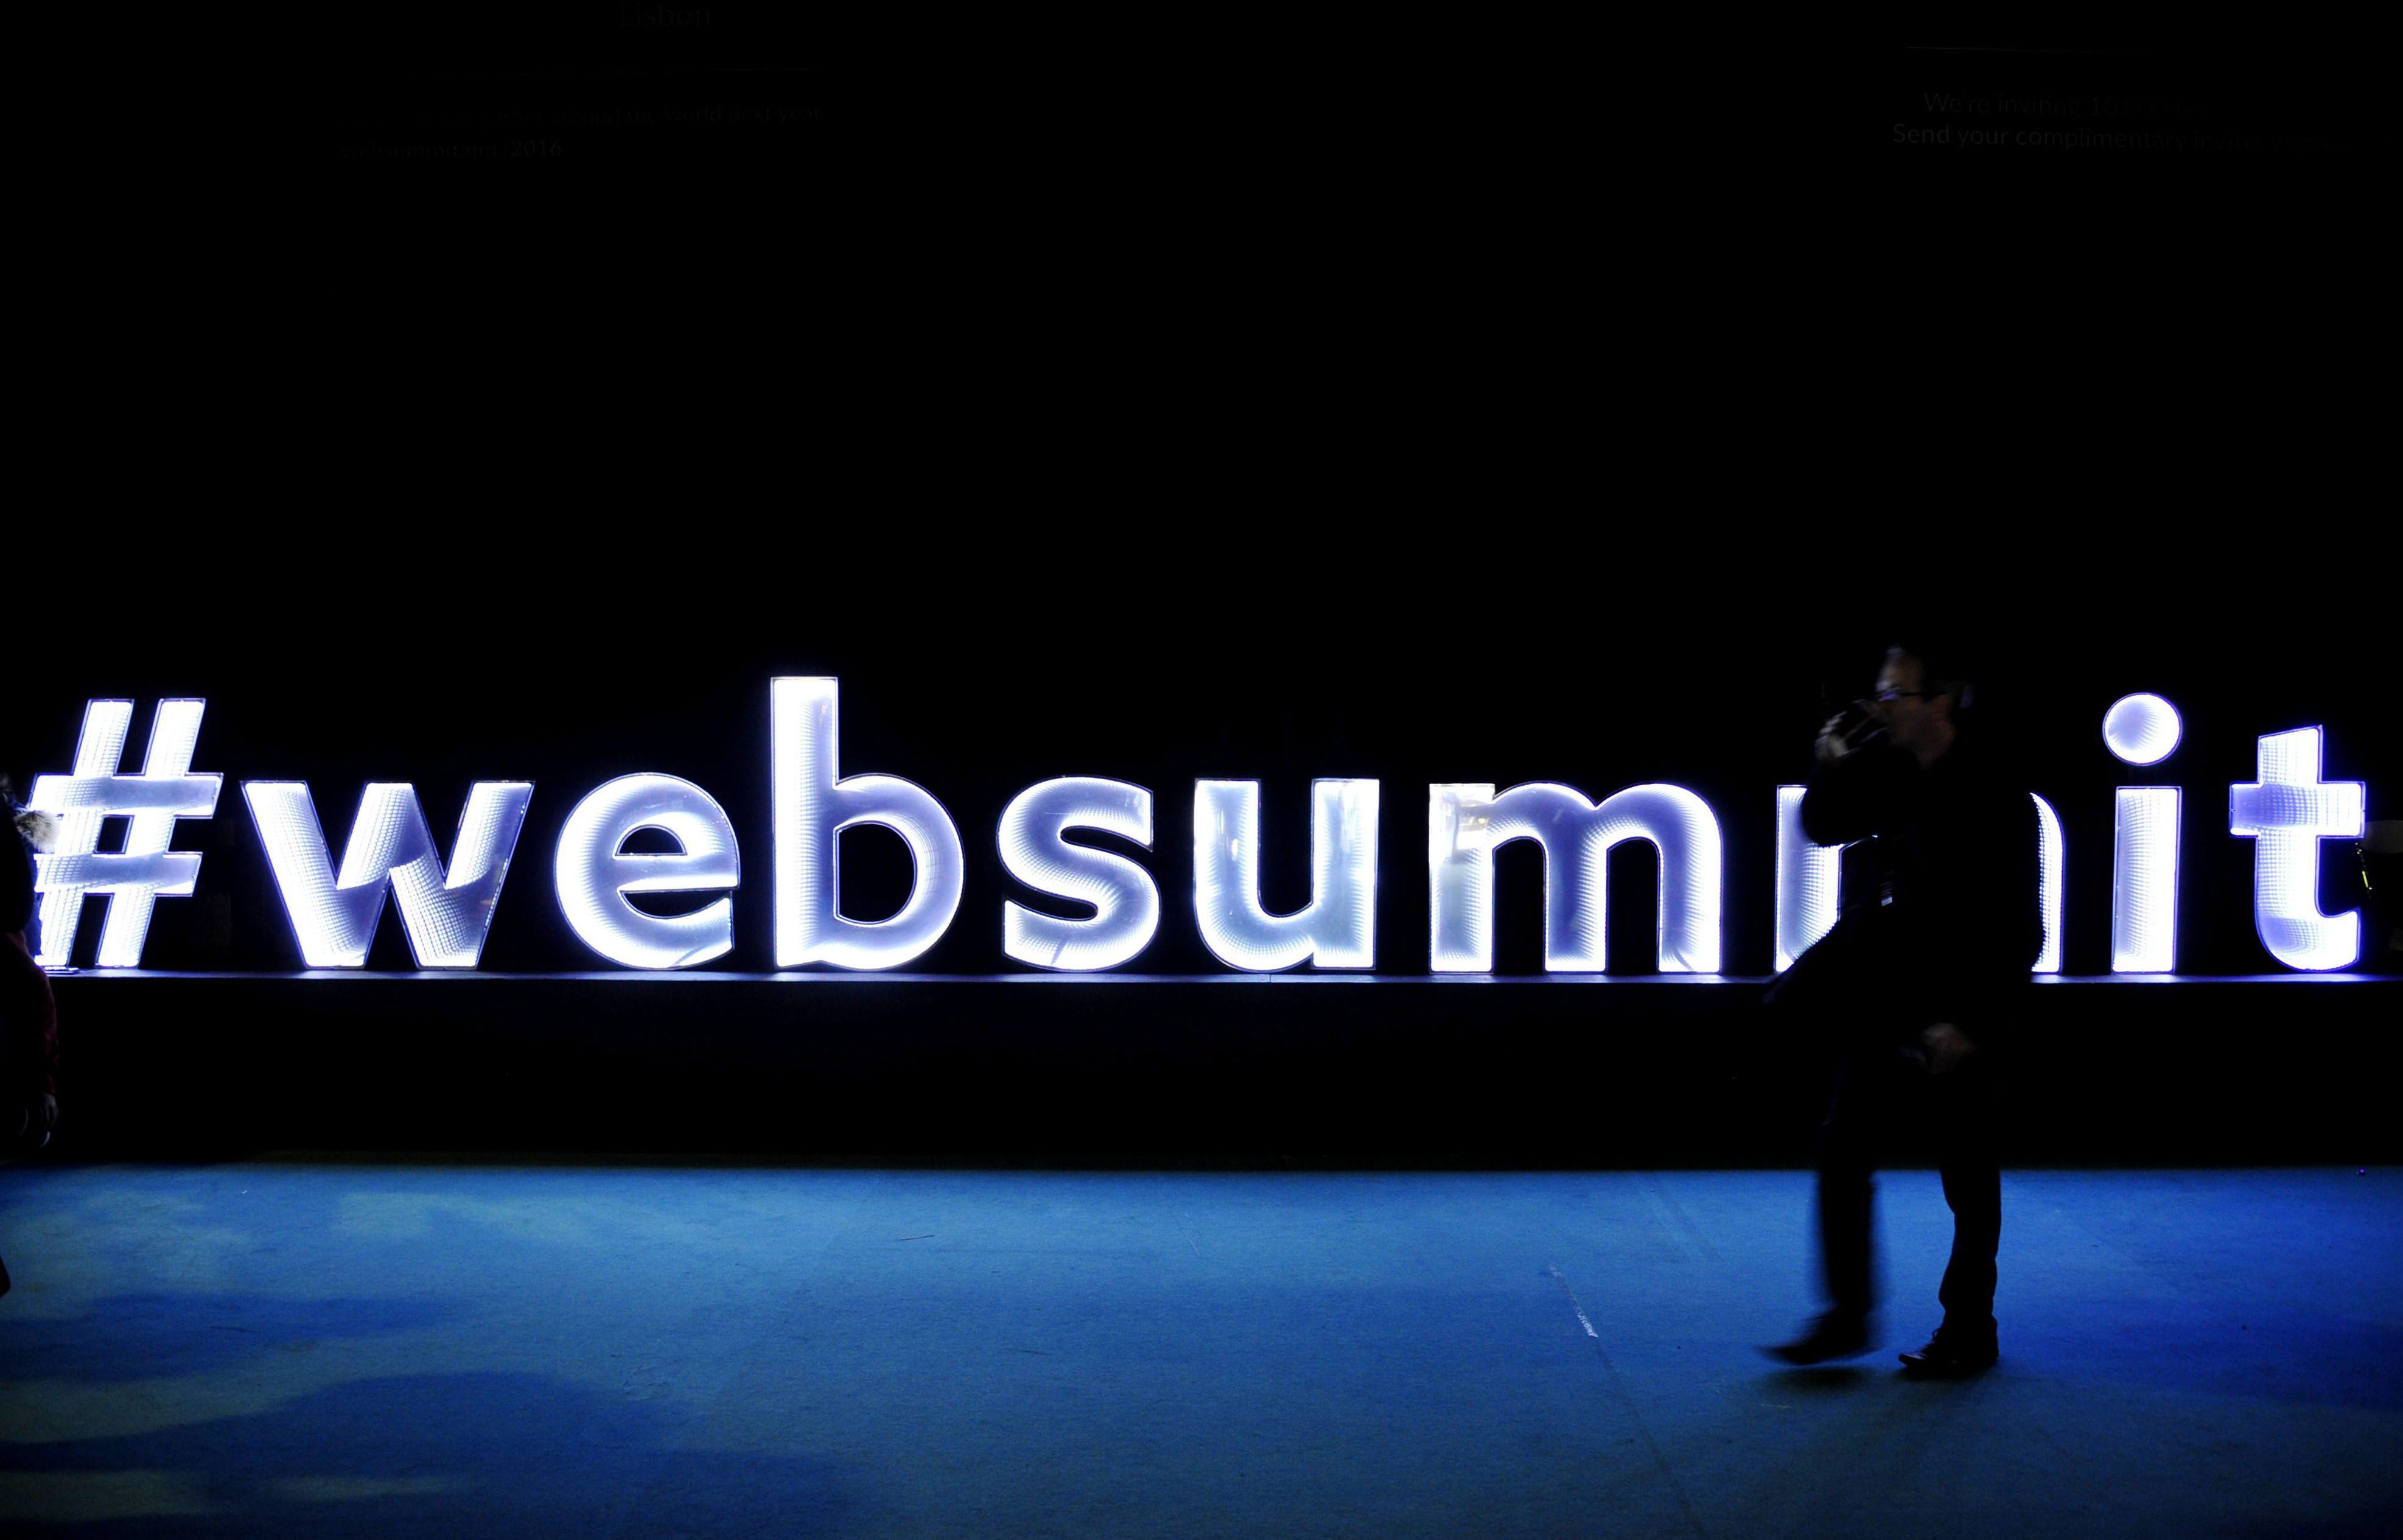 Cimeira tecnológica abre hoje em Lisboa 1.º escritório fora da Irlanda